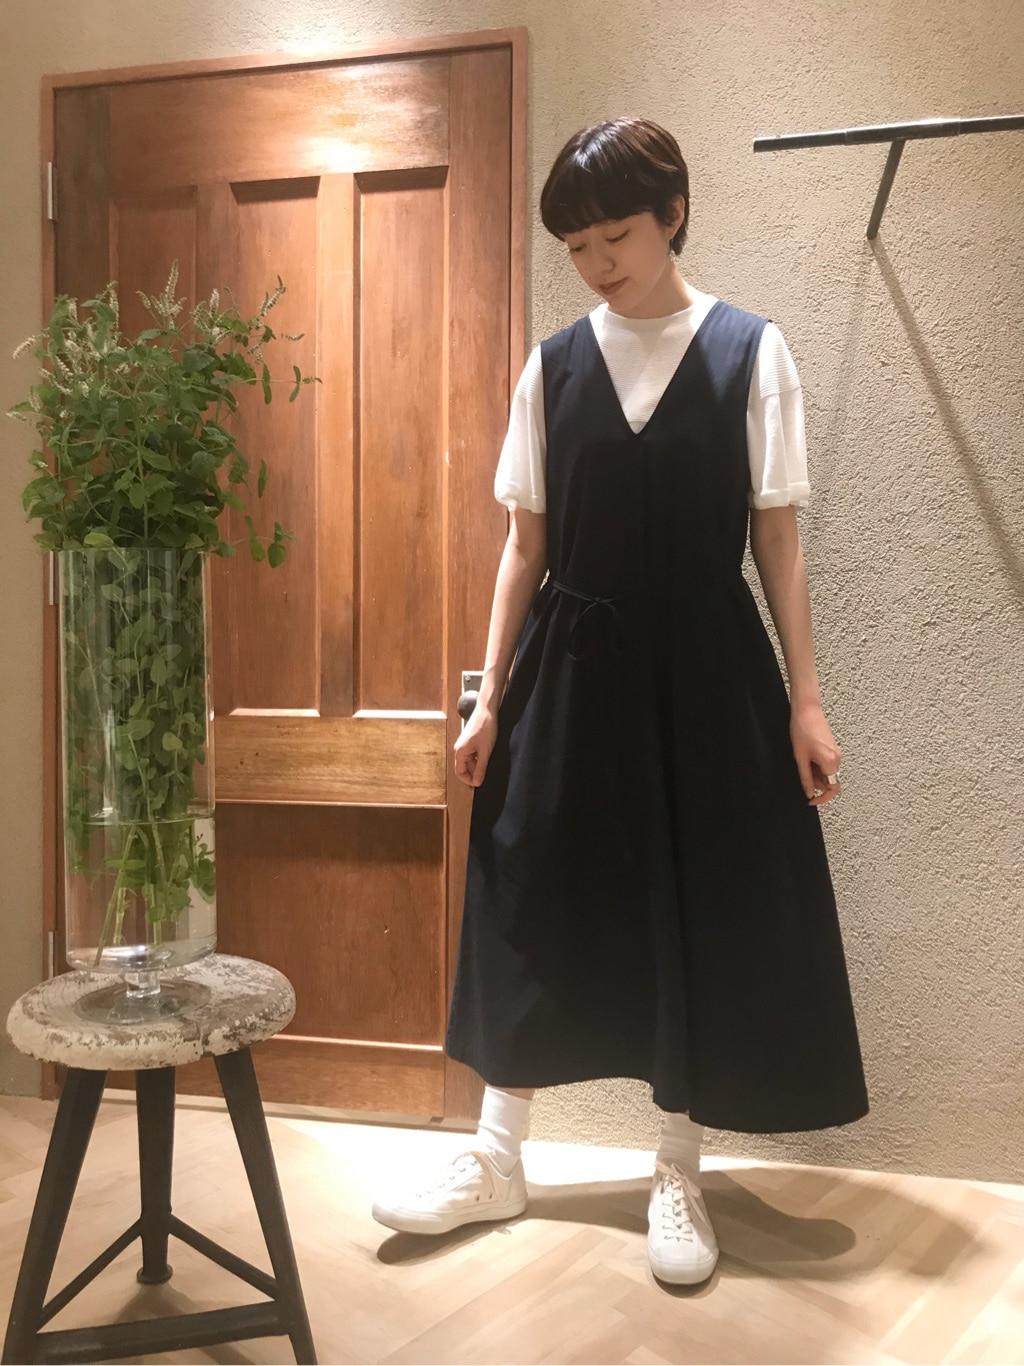 yuni 代々木上原路面 身長:166cm 2020.07.18